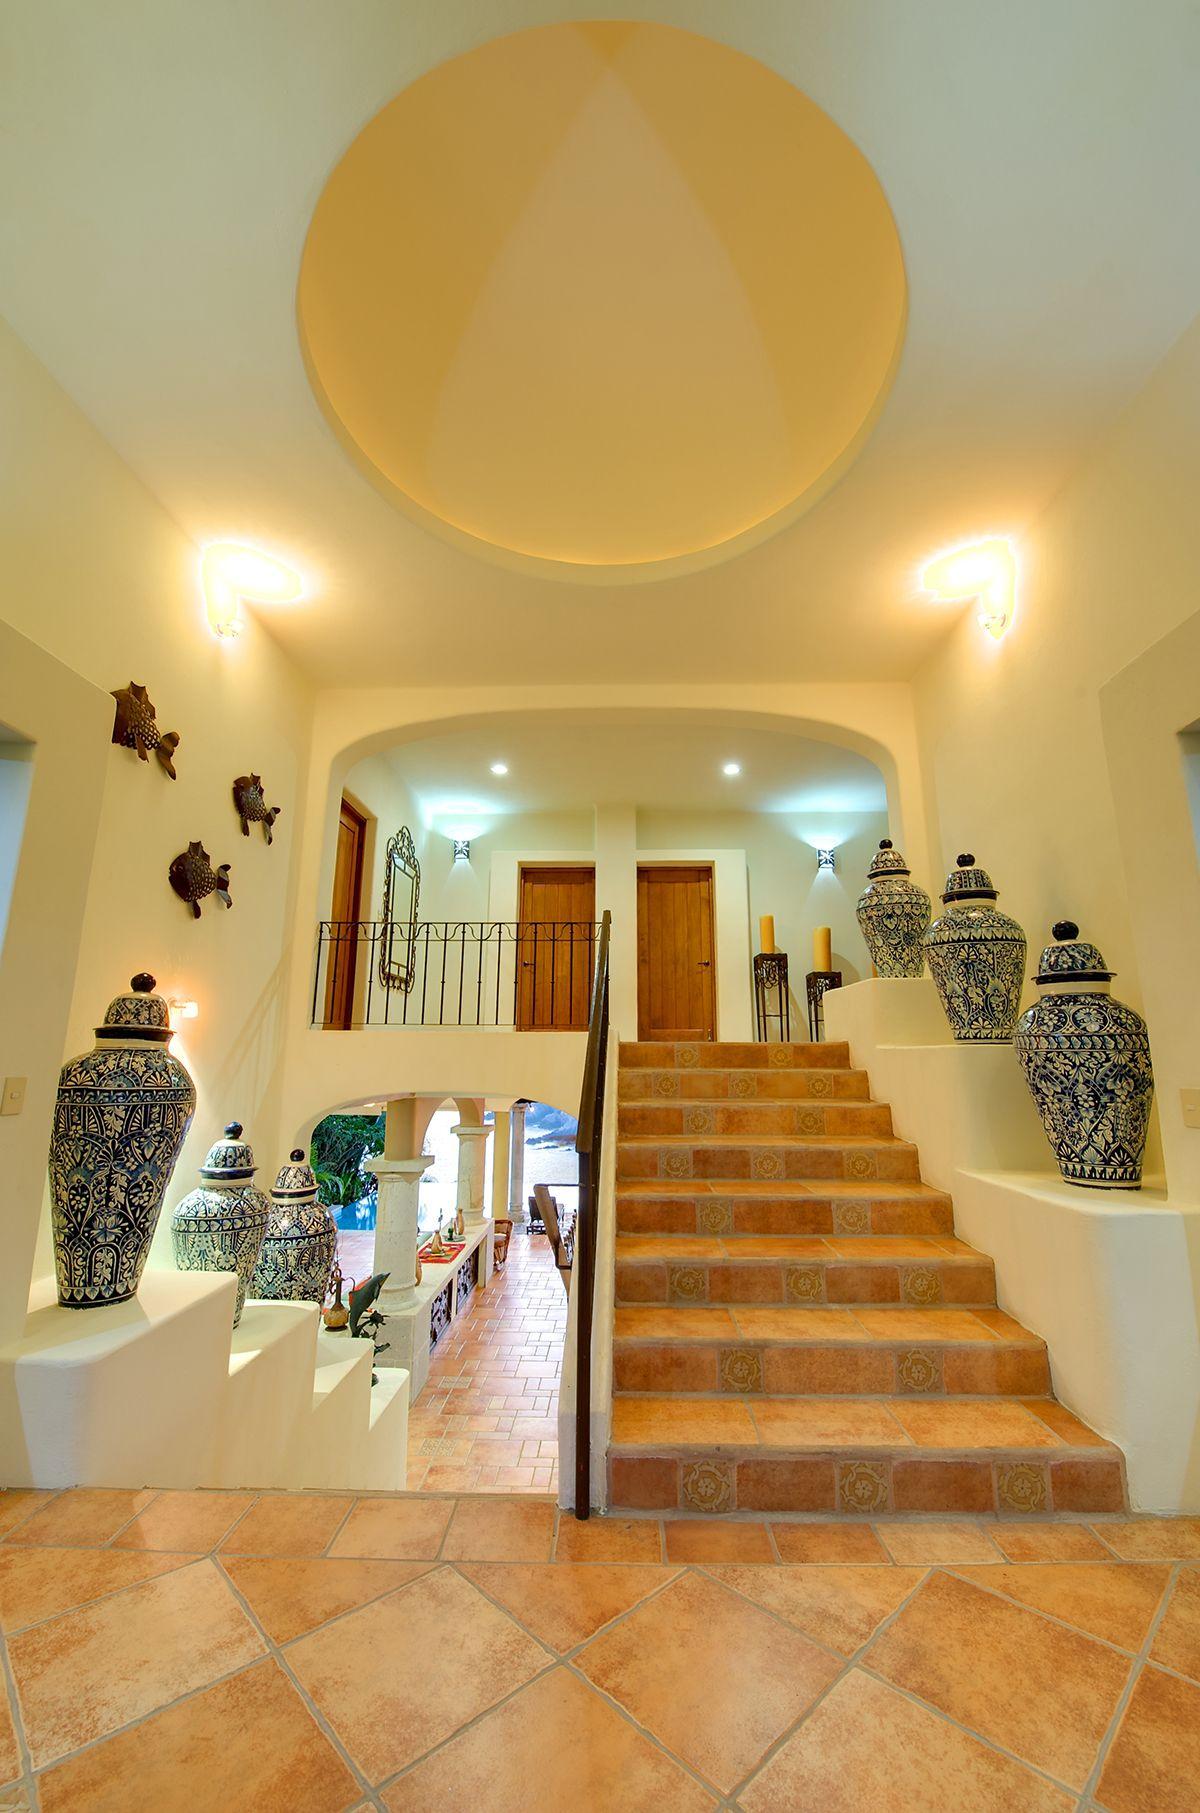 hoteles-boutique-de-mexico-hotel-las-palmas-villas-y-casitas-huatulco-65